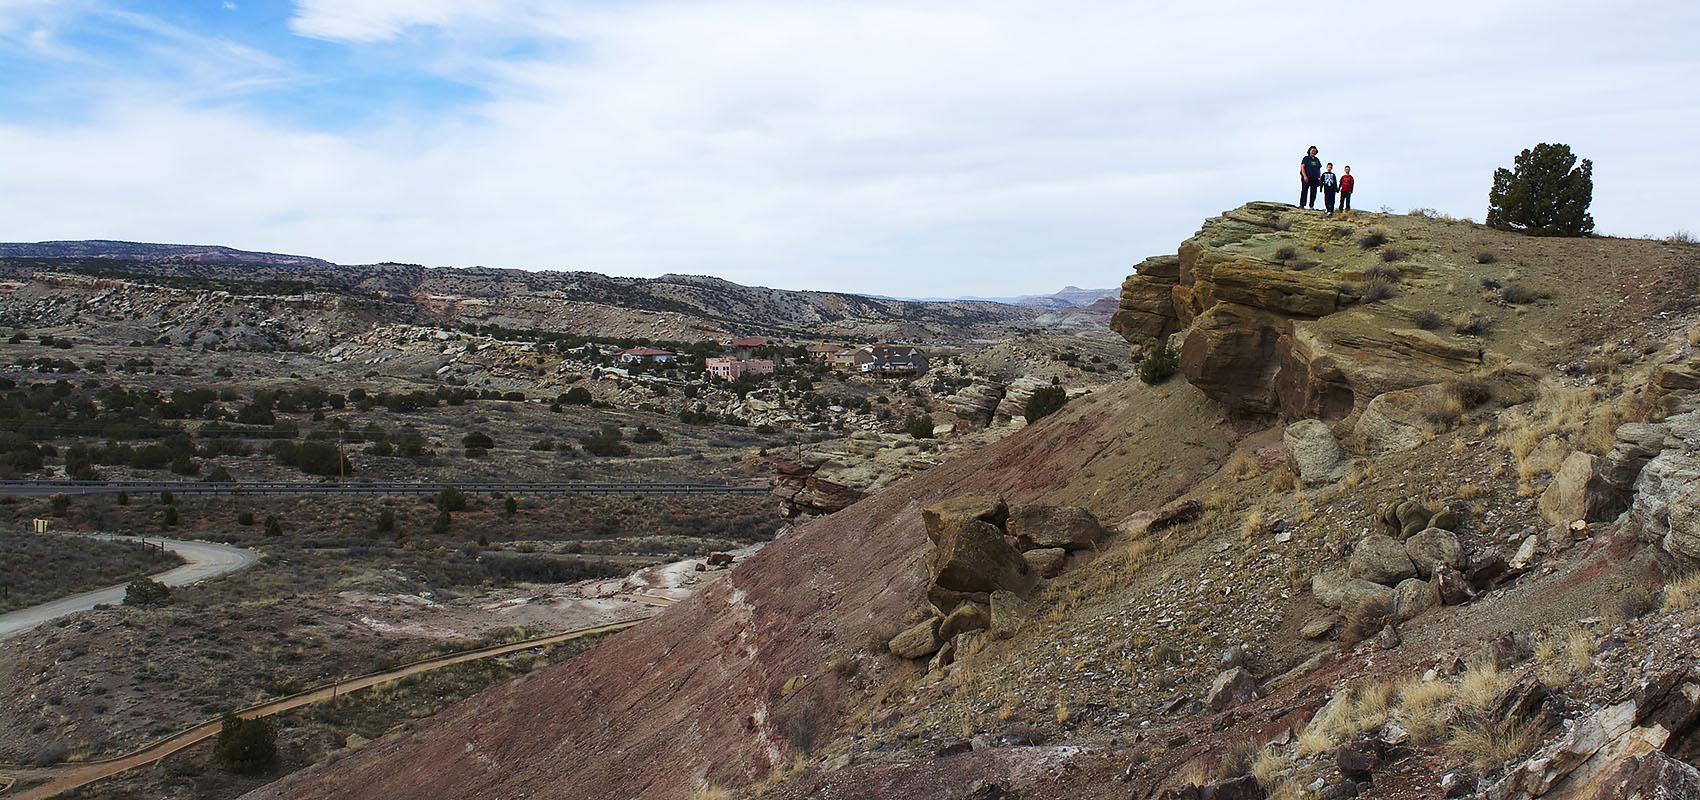 Dinosaur Hill